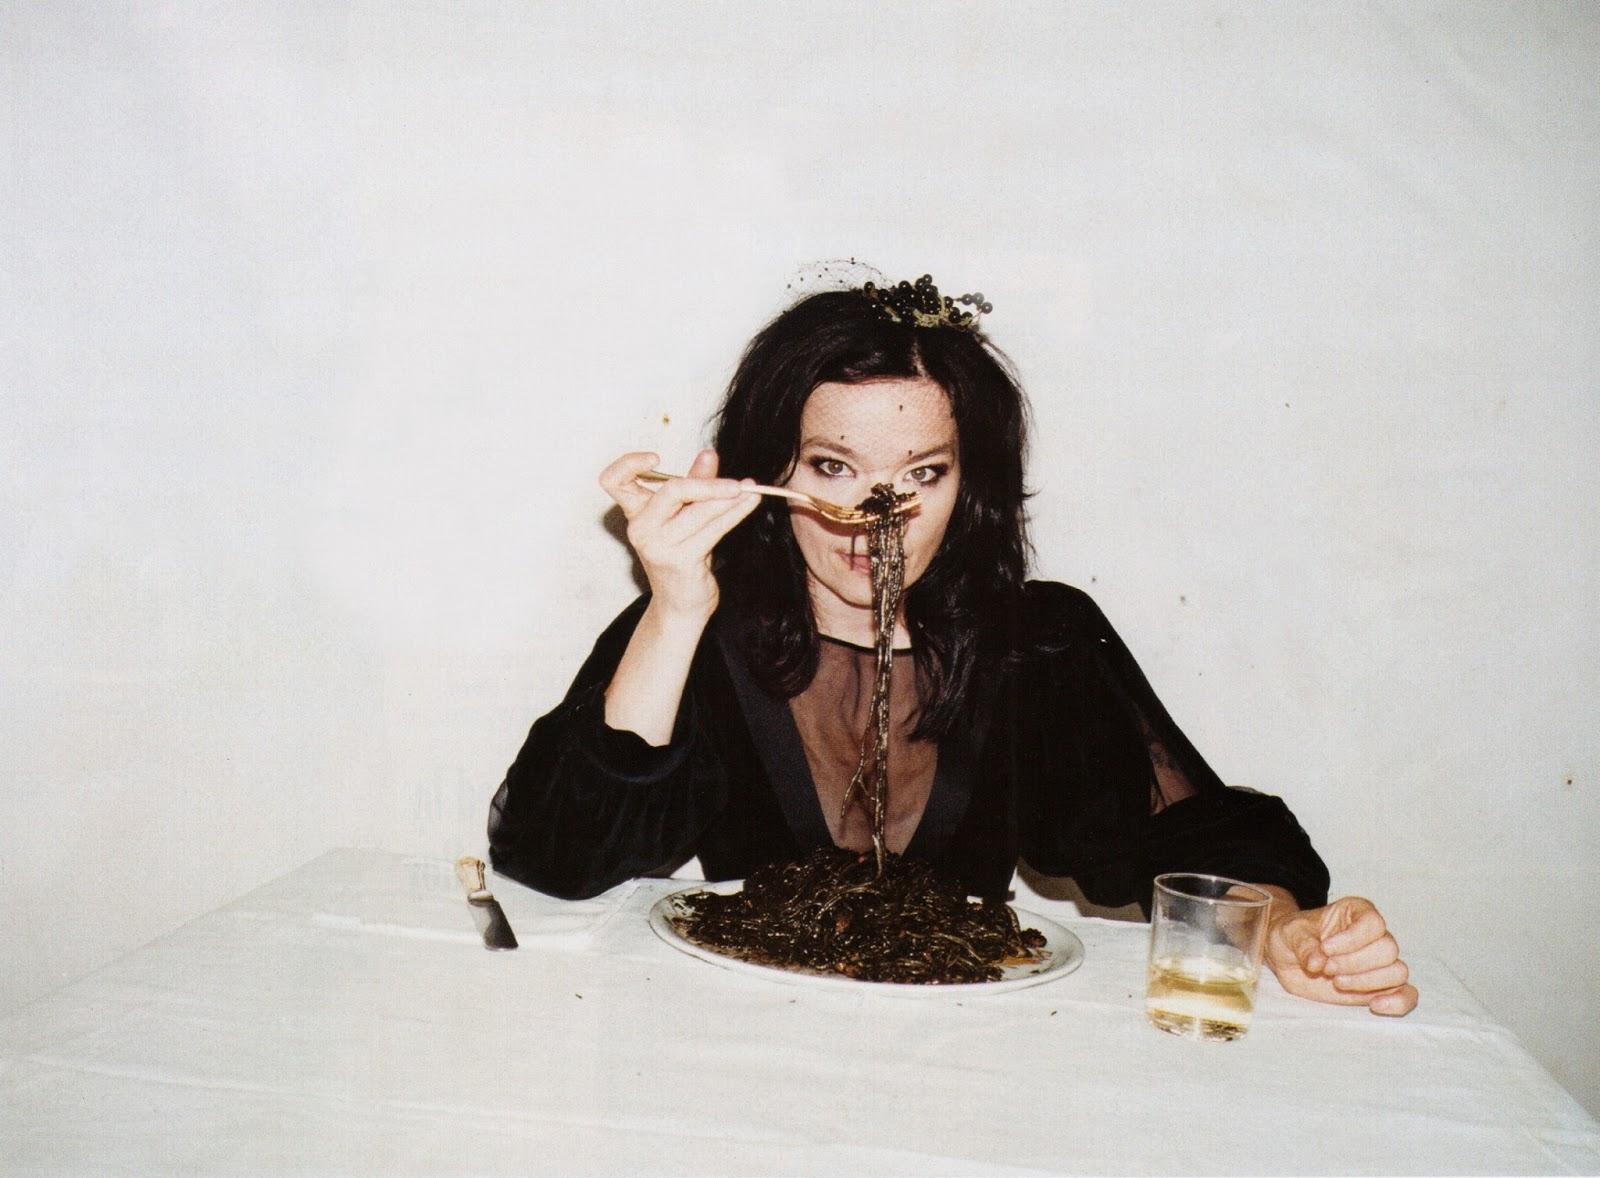 Dream Date: Björk in Black, With Berries in Her Hair.